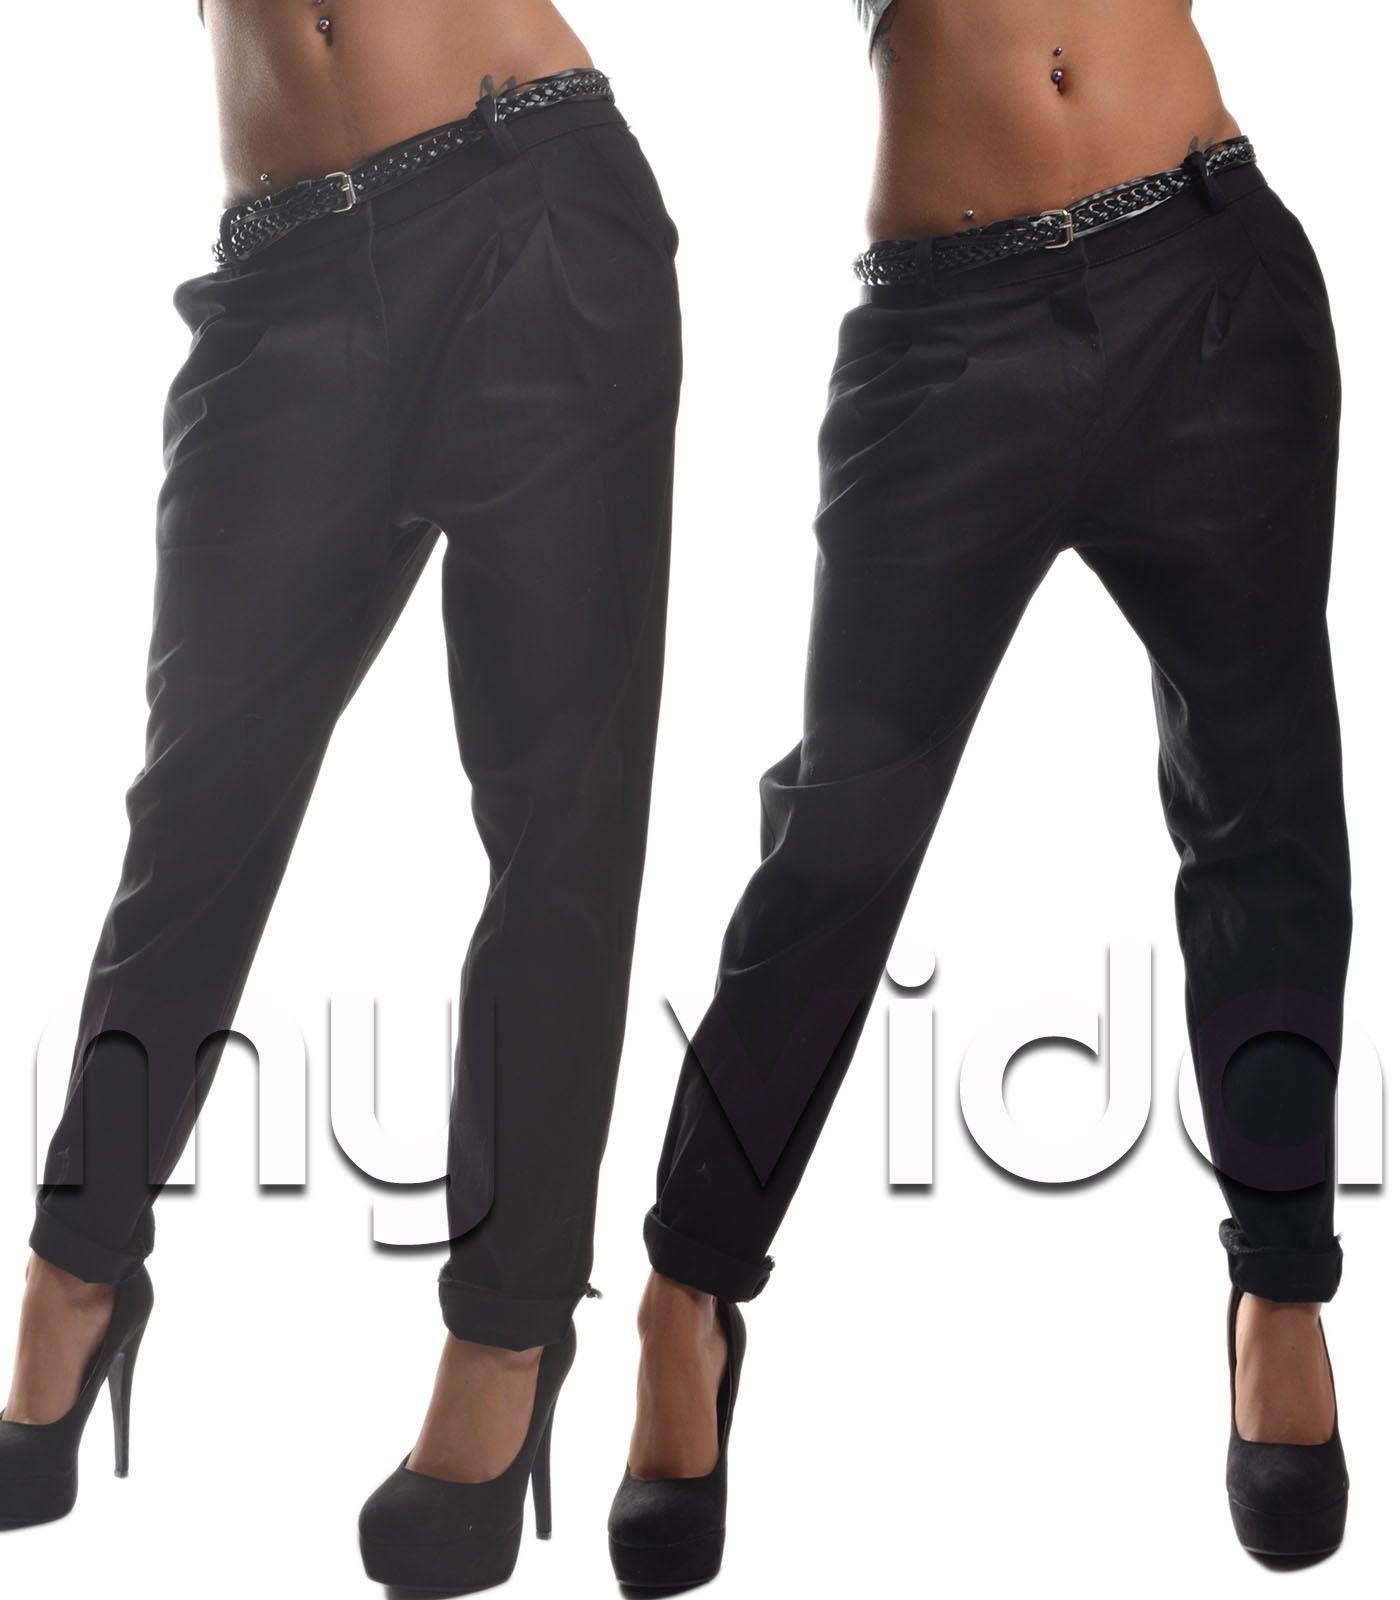 f7fc407913 Pantalone donna cavallo basso tasche pence pantaloni nuovi casual ...